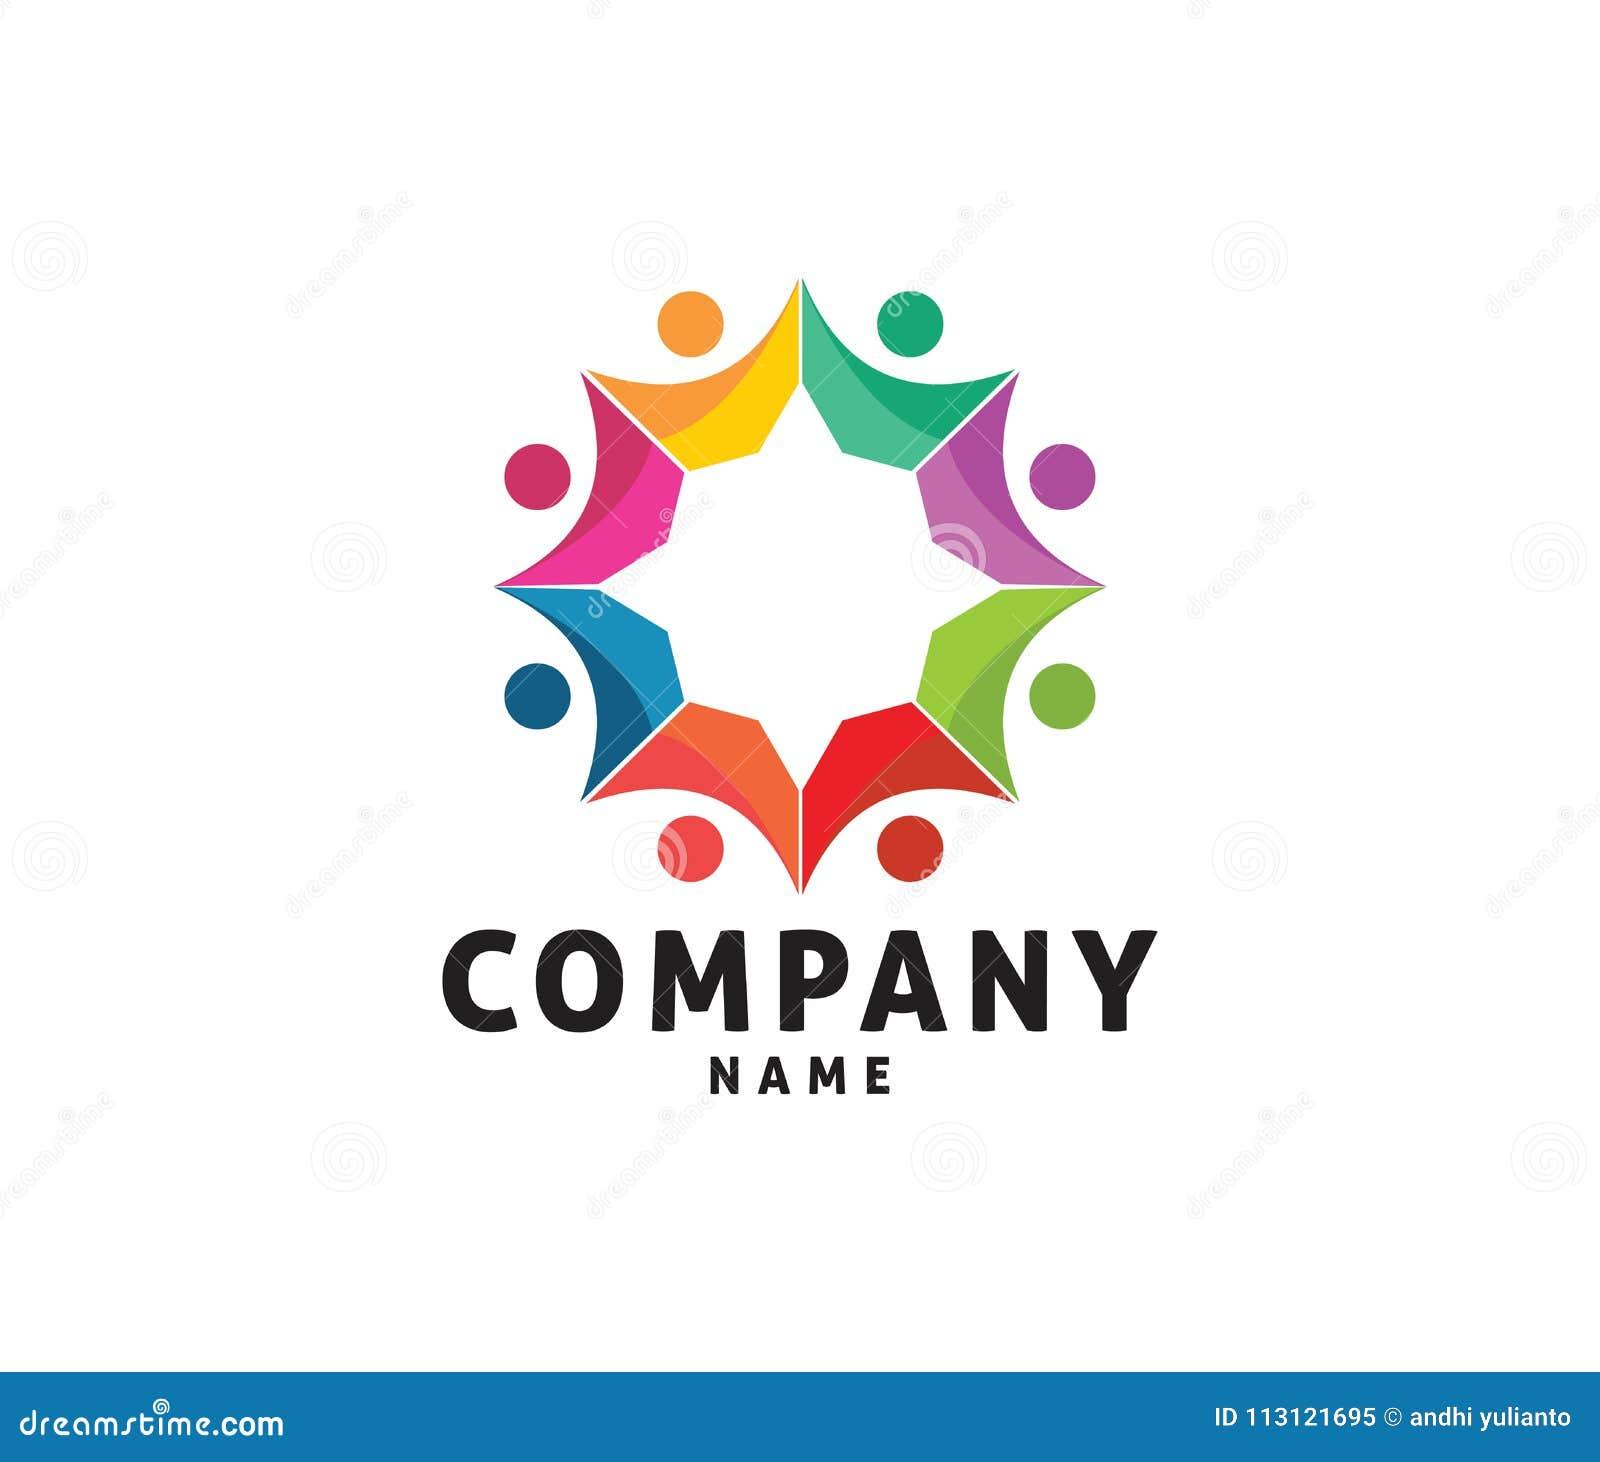 Diseño Del Rainbow Warrior Iii: Diseño Del Logotipo De La Educación Del Grupo De La